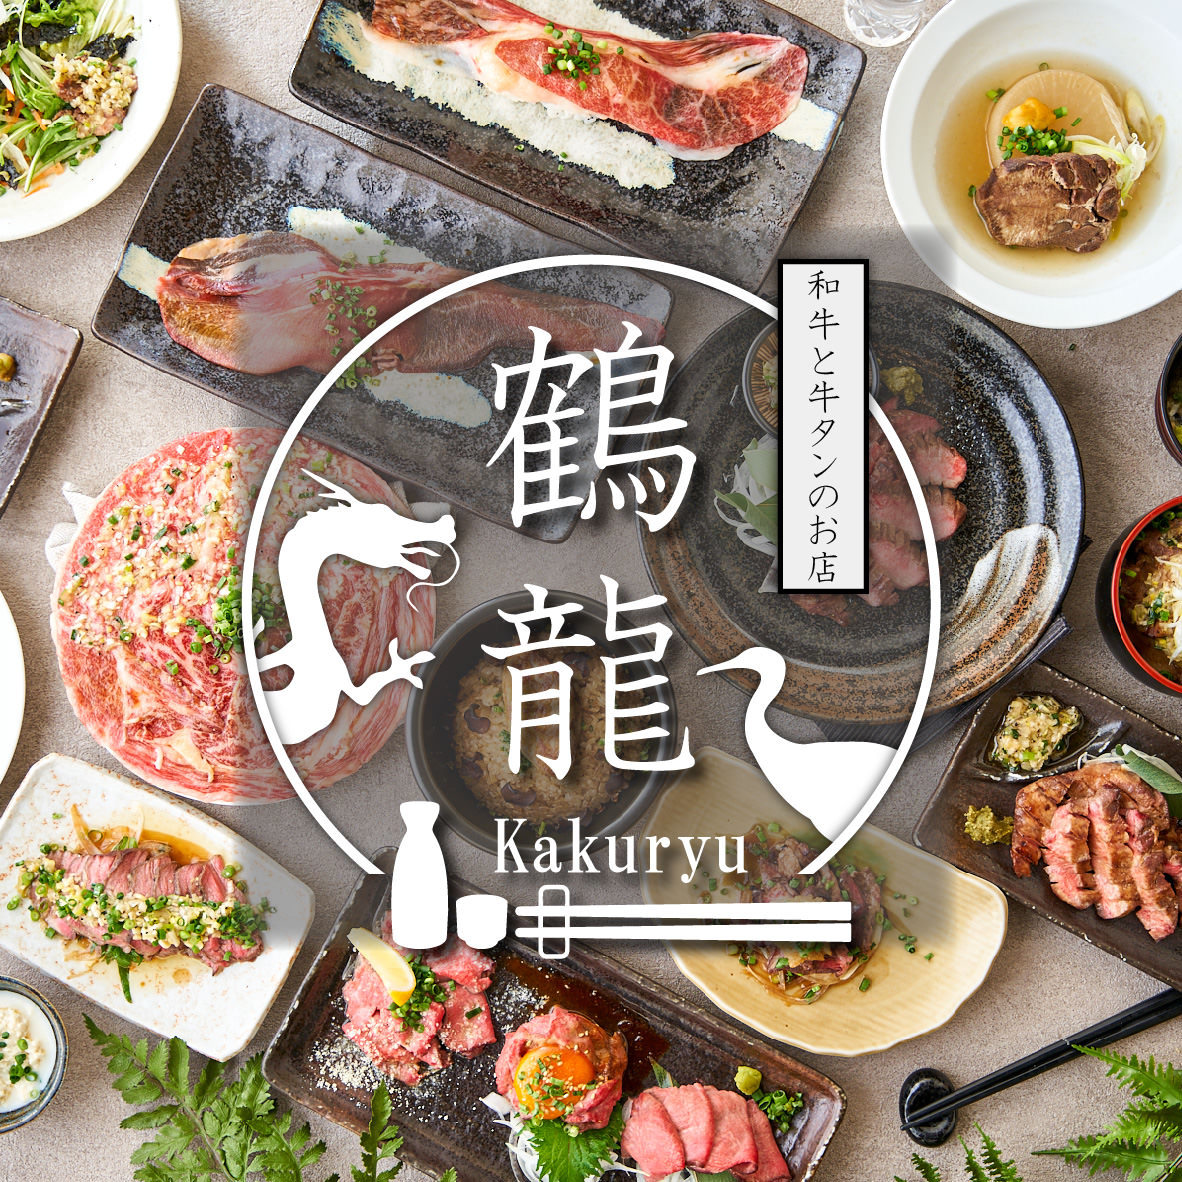 うまいもん酒場×炭火焼き地鶏 鶴龍(KAKURYU)池袋東口総本店